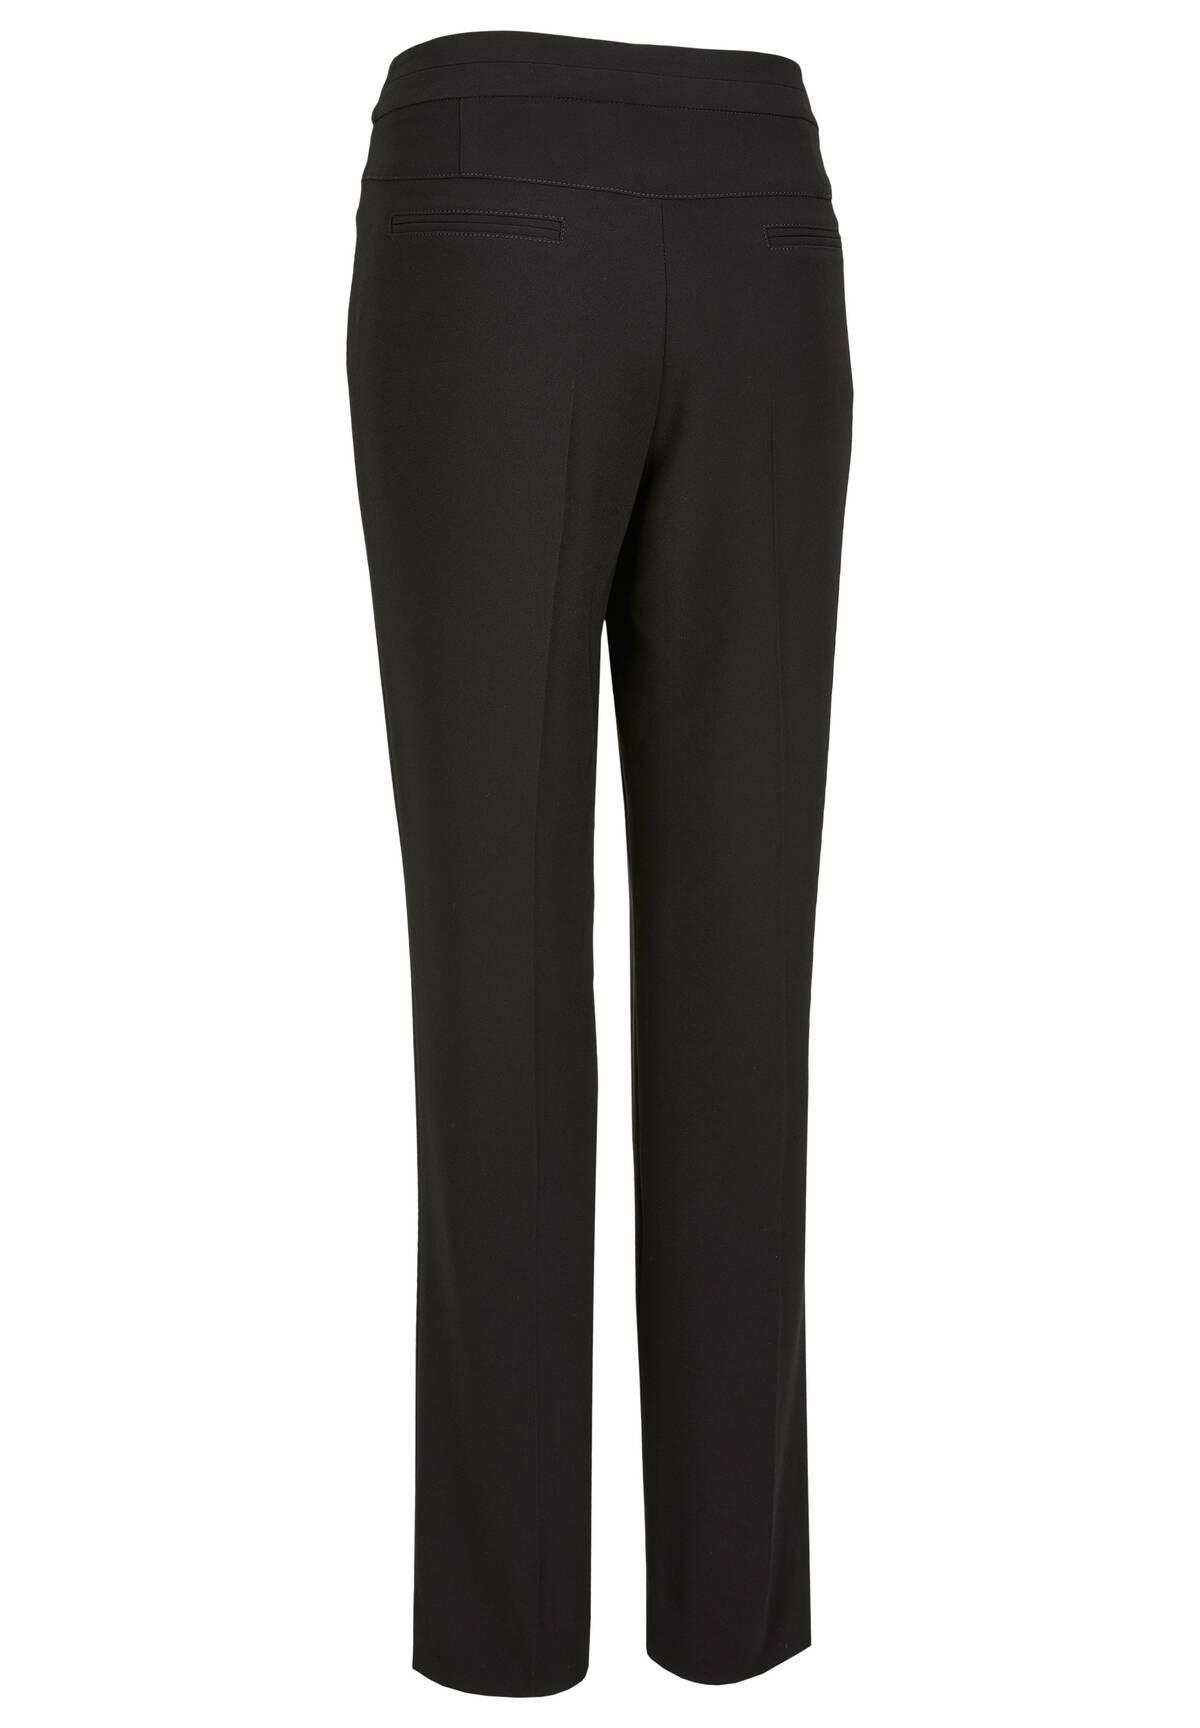 Pantalon DH XTENSION /